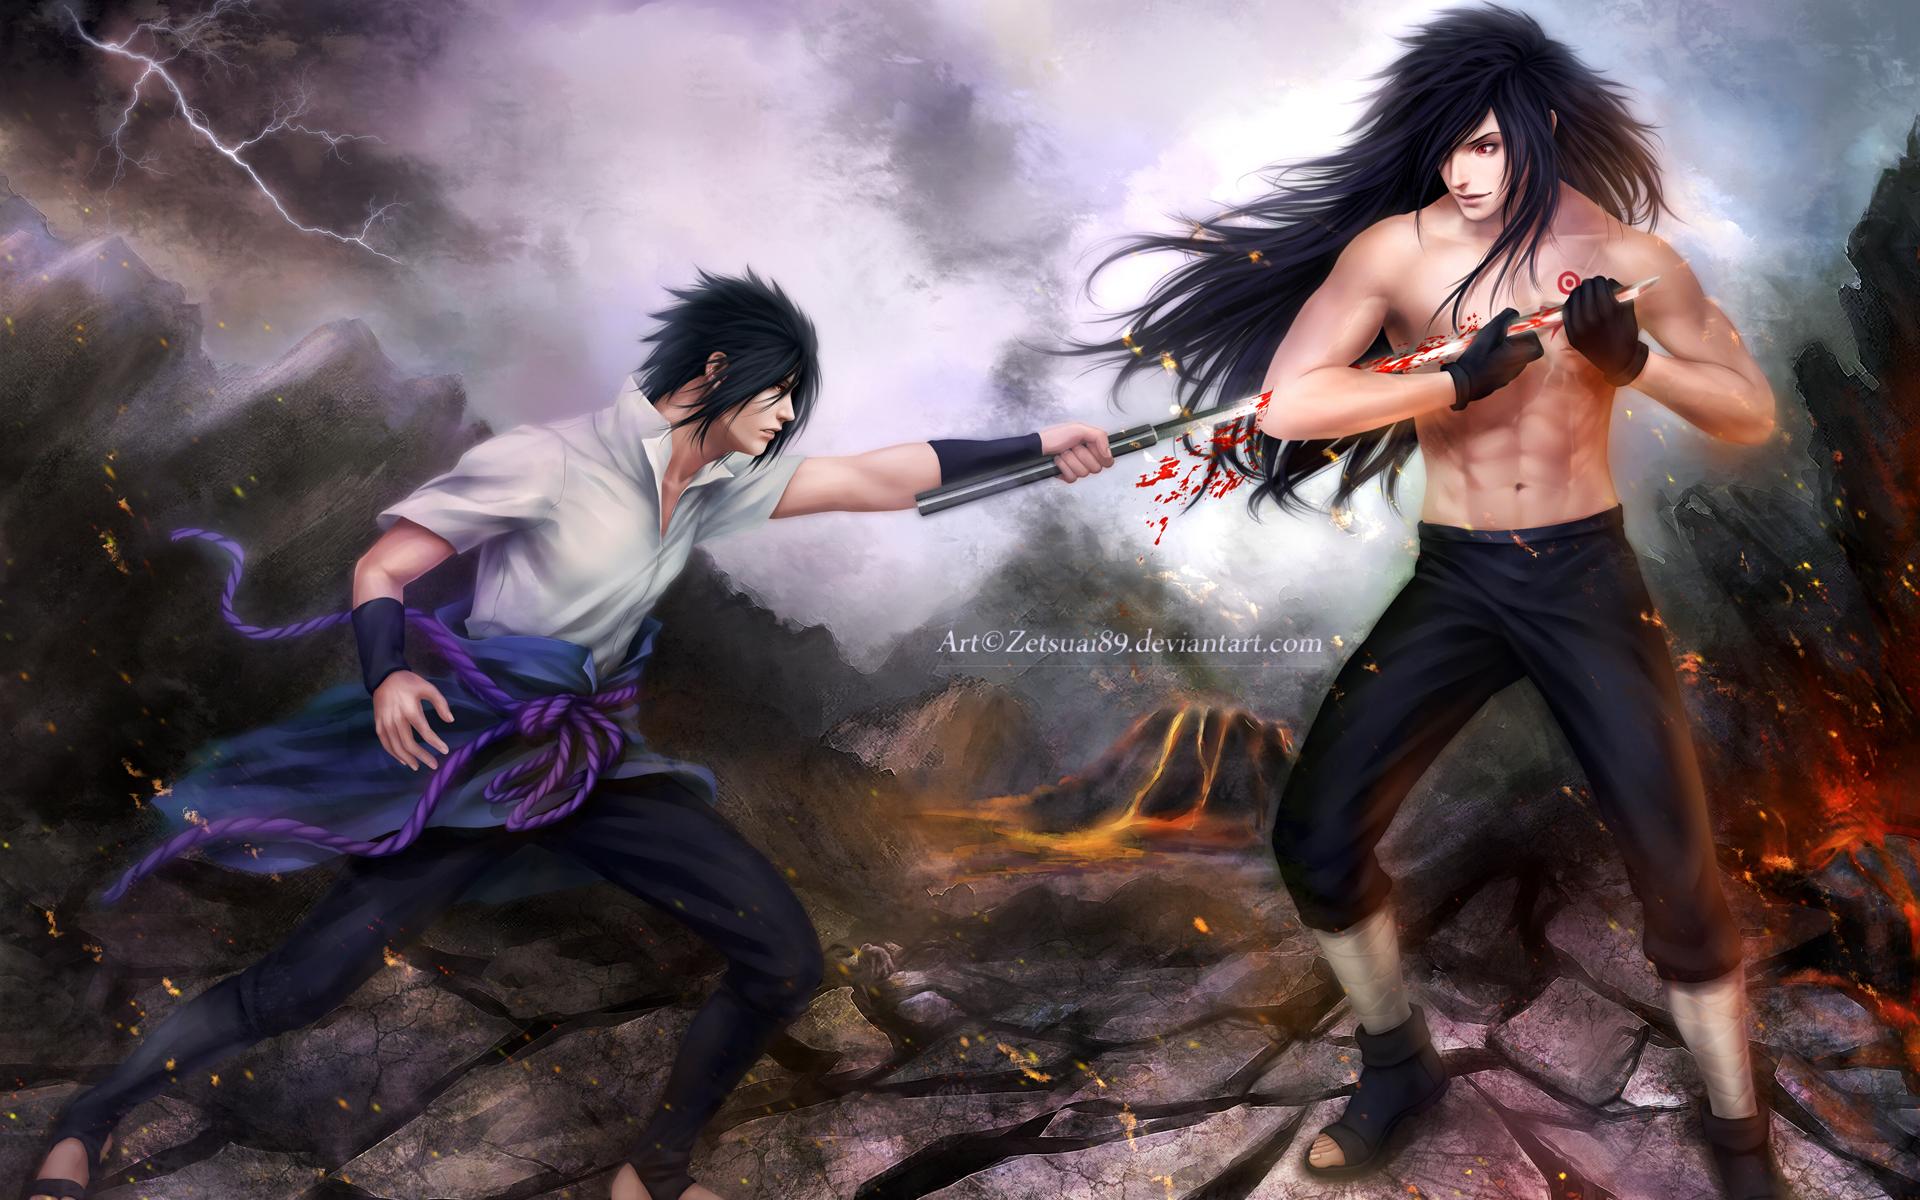 madara uchiha vs sasuke uchiha fighting anime hd wallpaper full 1920x1200